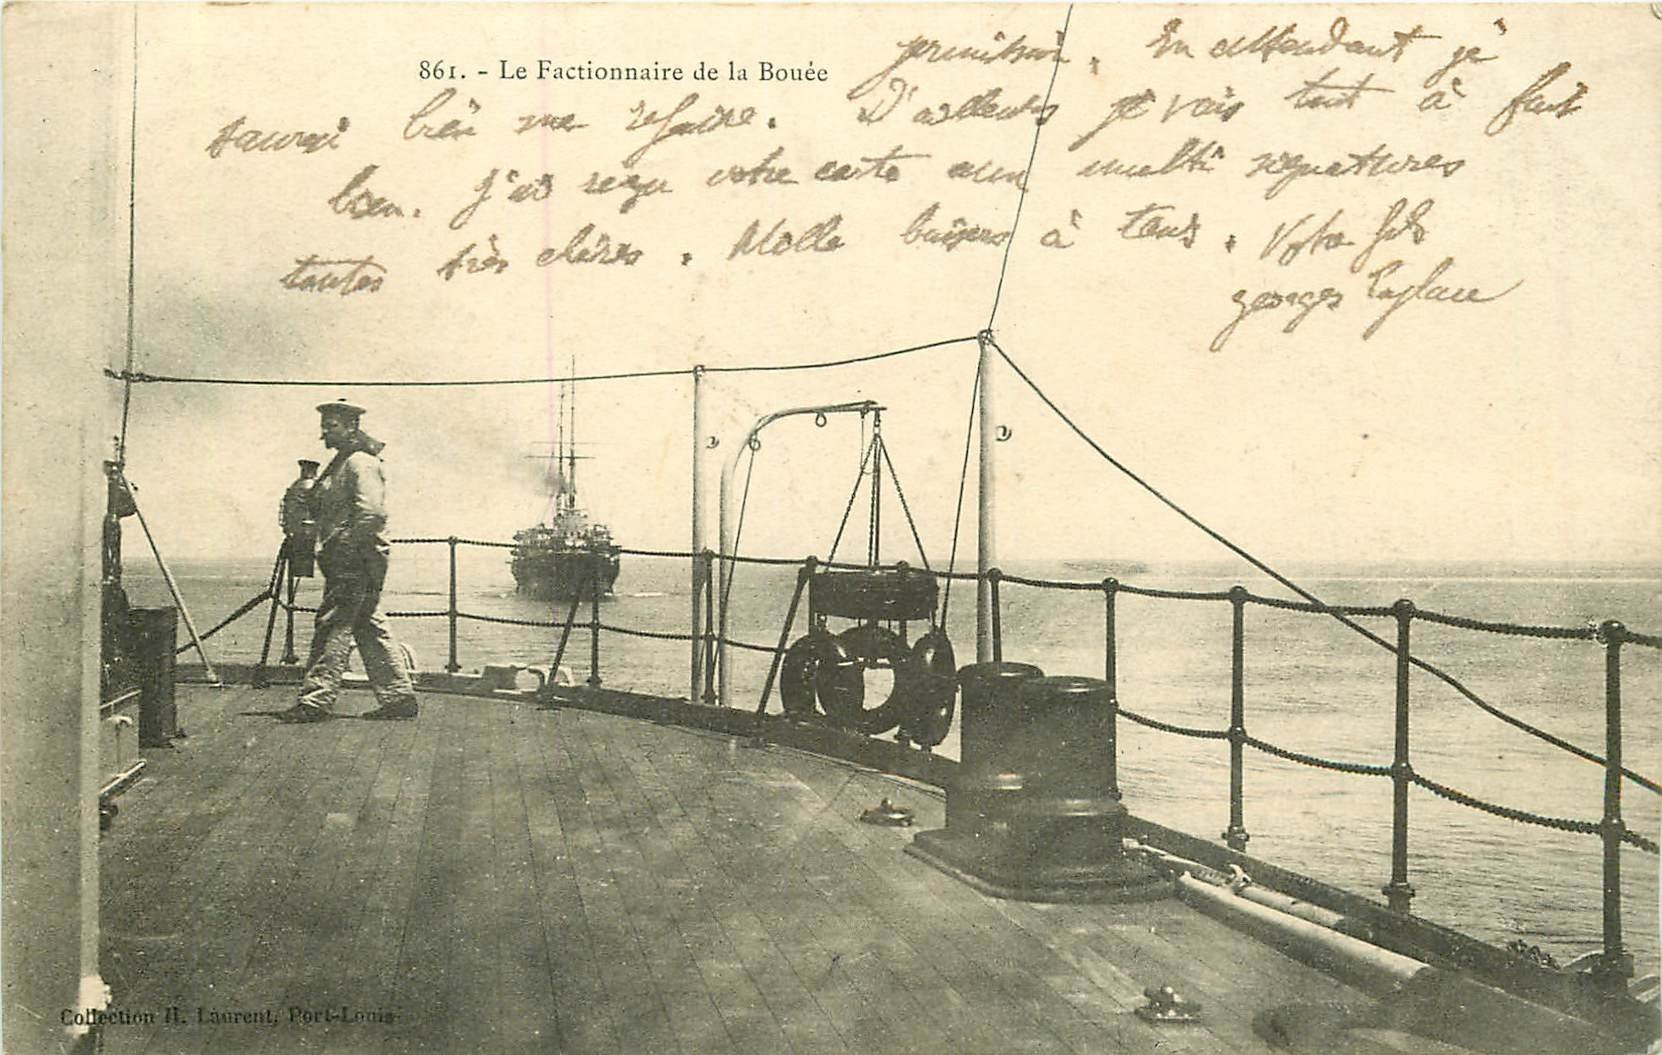 WW MARINE DE GUERRE FRANCAISE. Le Marin Factionnaire de la Bouée 1906 sur Navire